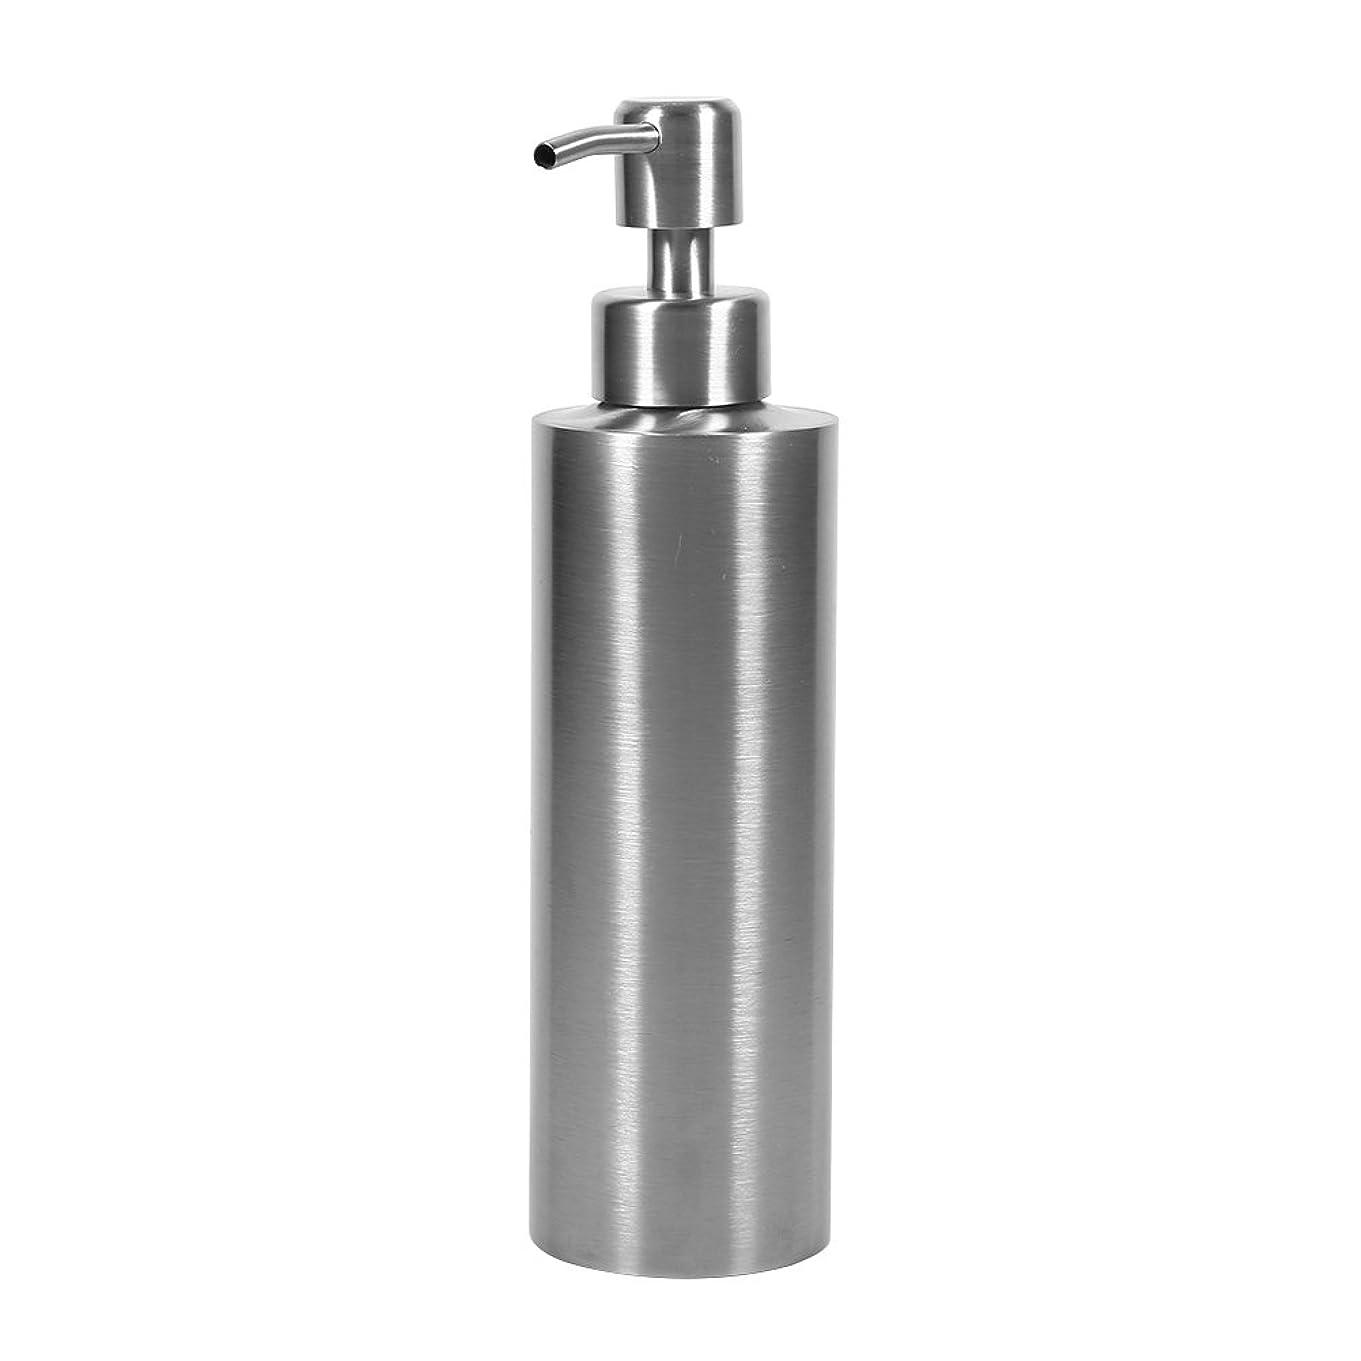 めったにレバー感謝している304 ステンレス鋼 シンクソープディスペンサー シンク ソープ シャンプー用ディスペンサー 350ml 石鹸液 ハンドソープ 洗剤 メタル ボトル ポンプ付き キッチン、トイレに適用